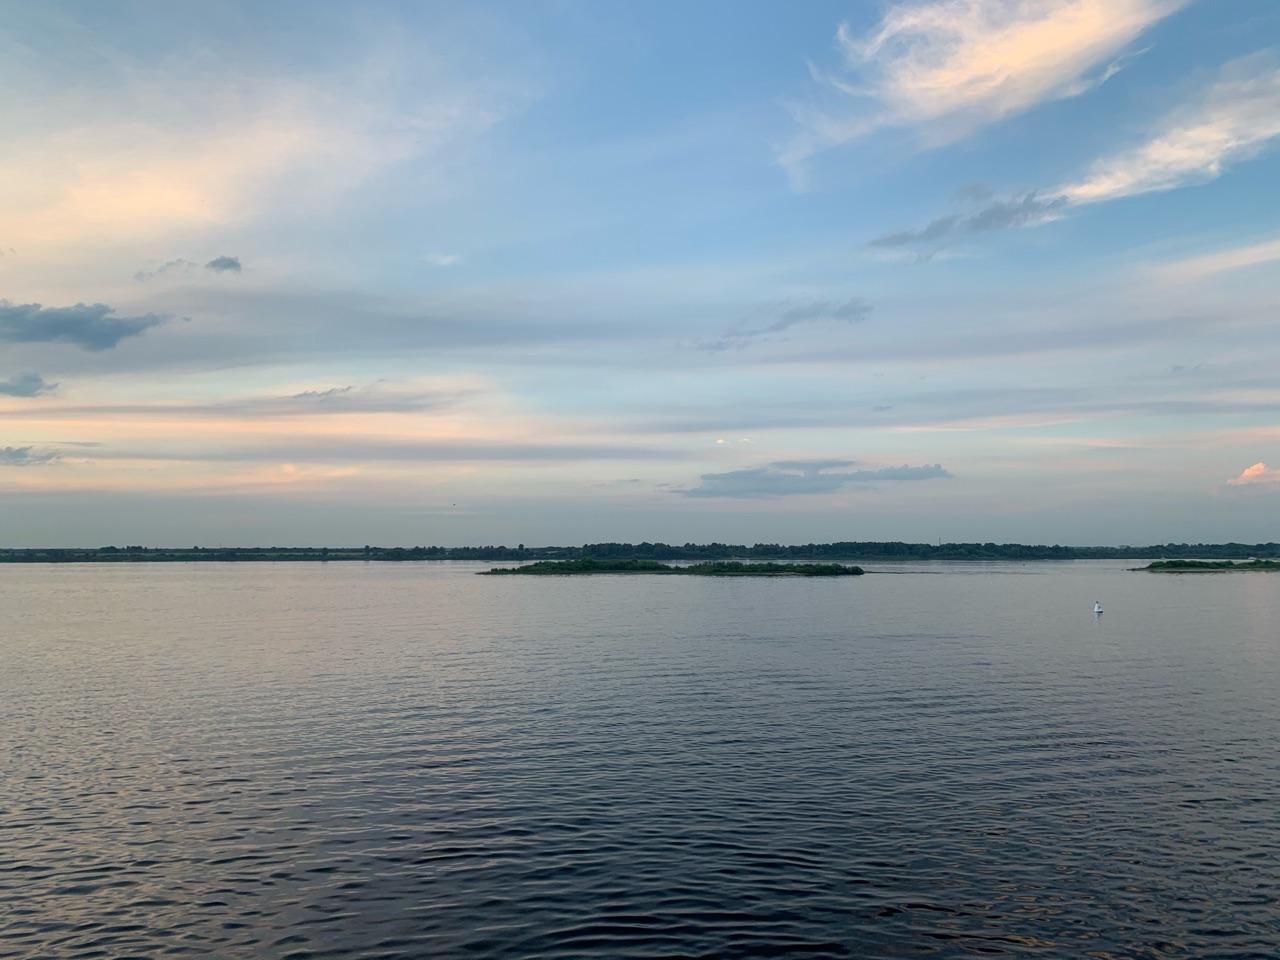 План по реализации проекта «Оздоровление Волги» перевыполнен в Нижнем Новгороде - фото 1